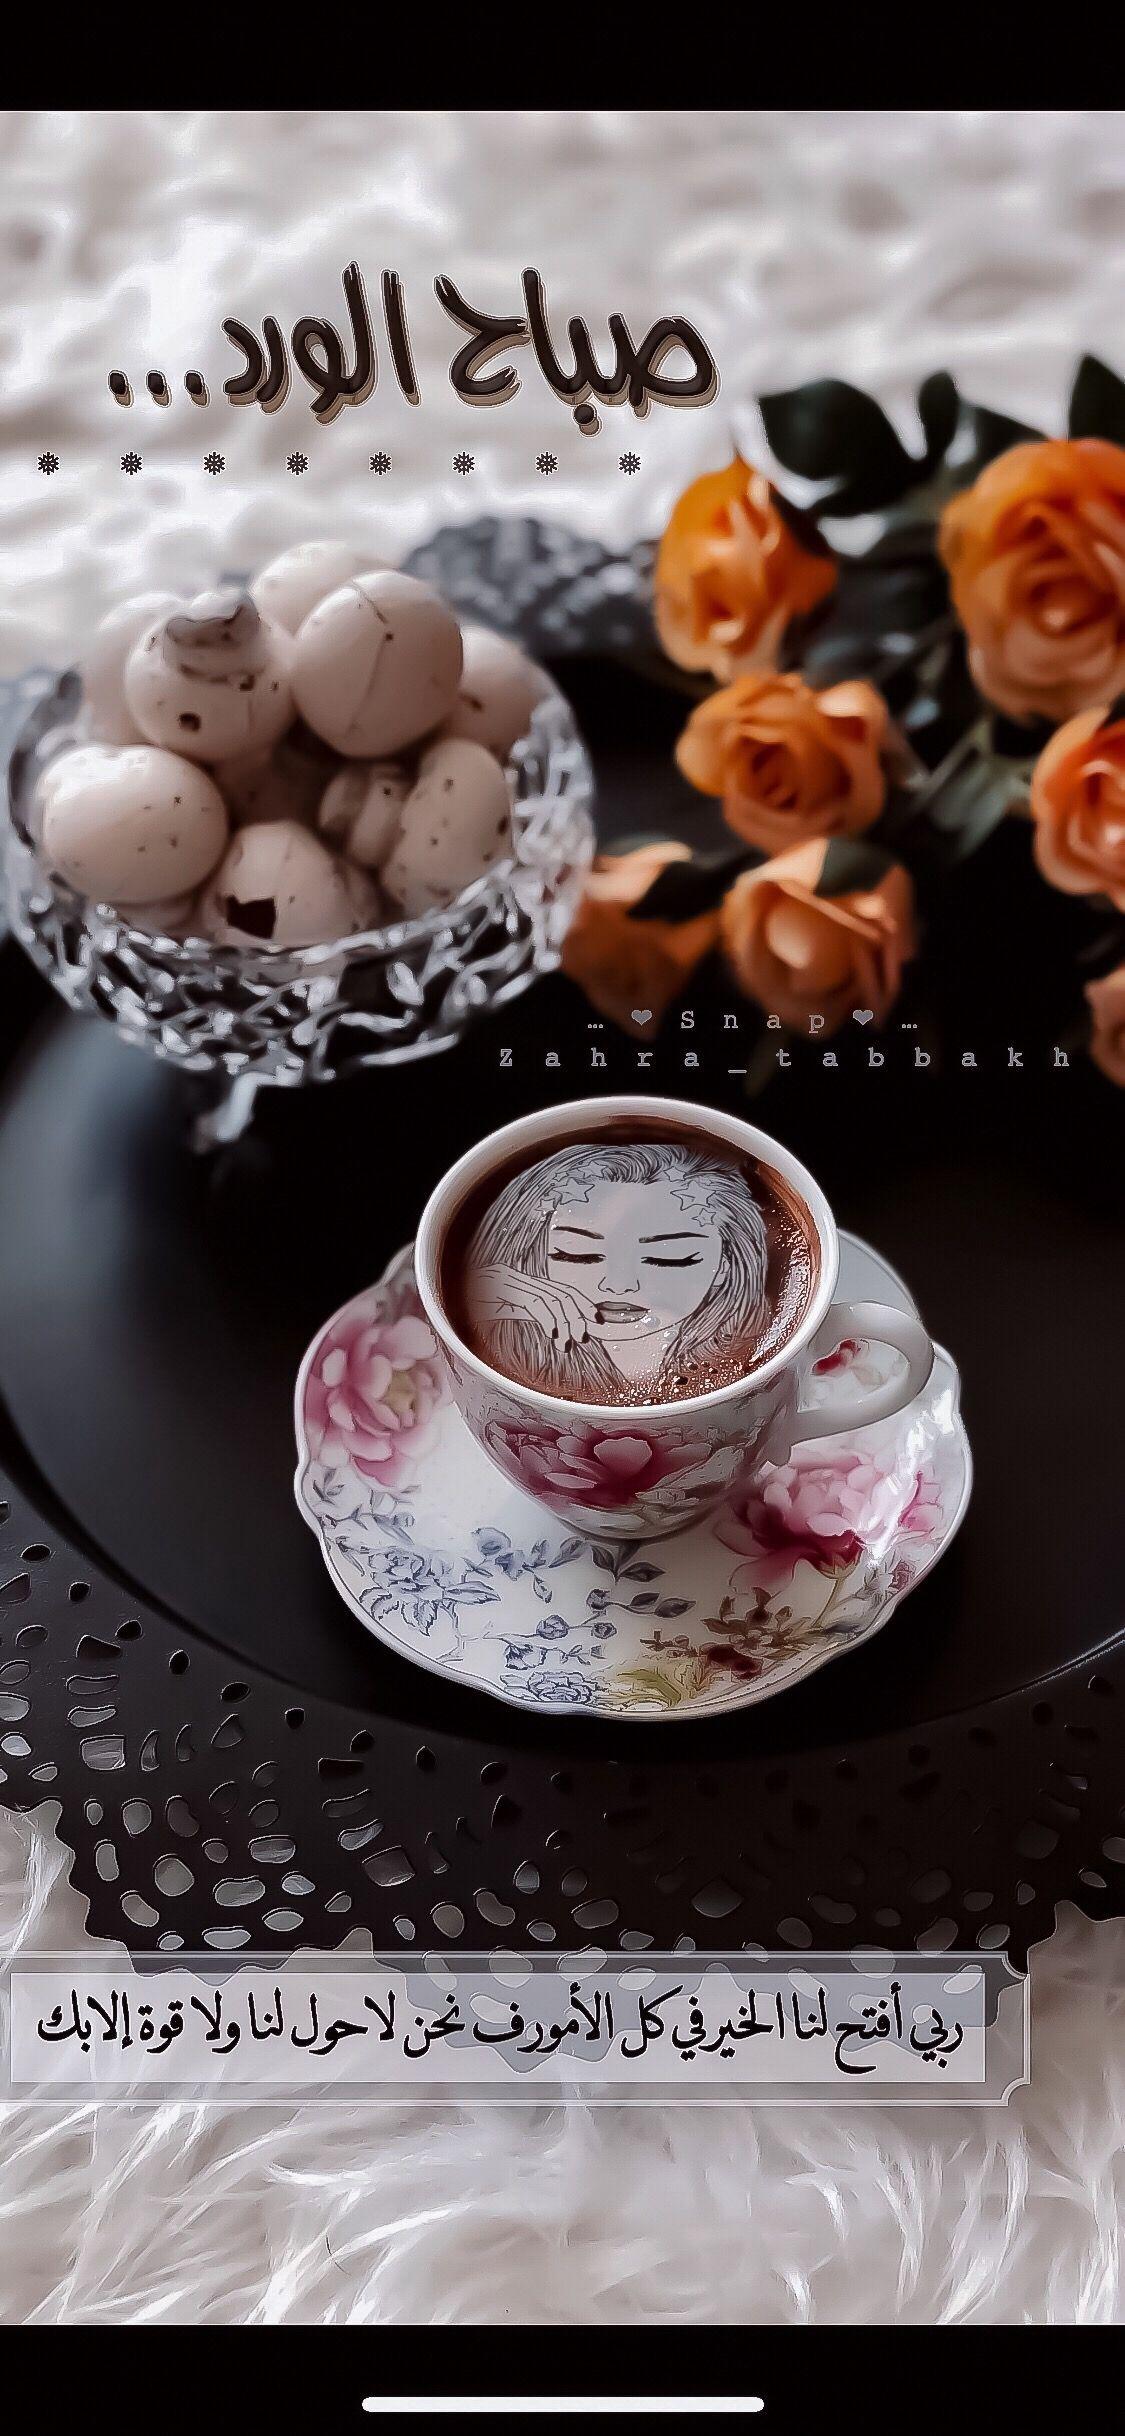 قهوتي قهوة صباحالخير صباحالورد سنابات اقتباسات بيسيات دعاء جمعةمباركة جمعة صباحات صباح سنابي سناب صور Coffee Flower My Coffee Morning Texts